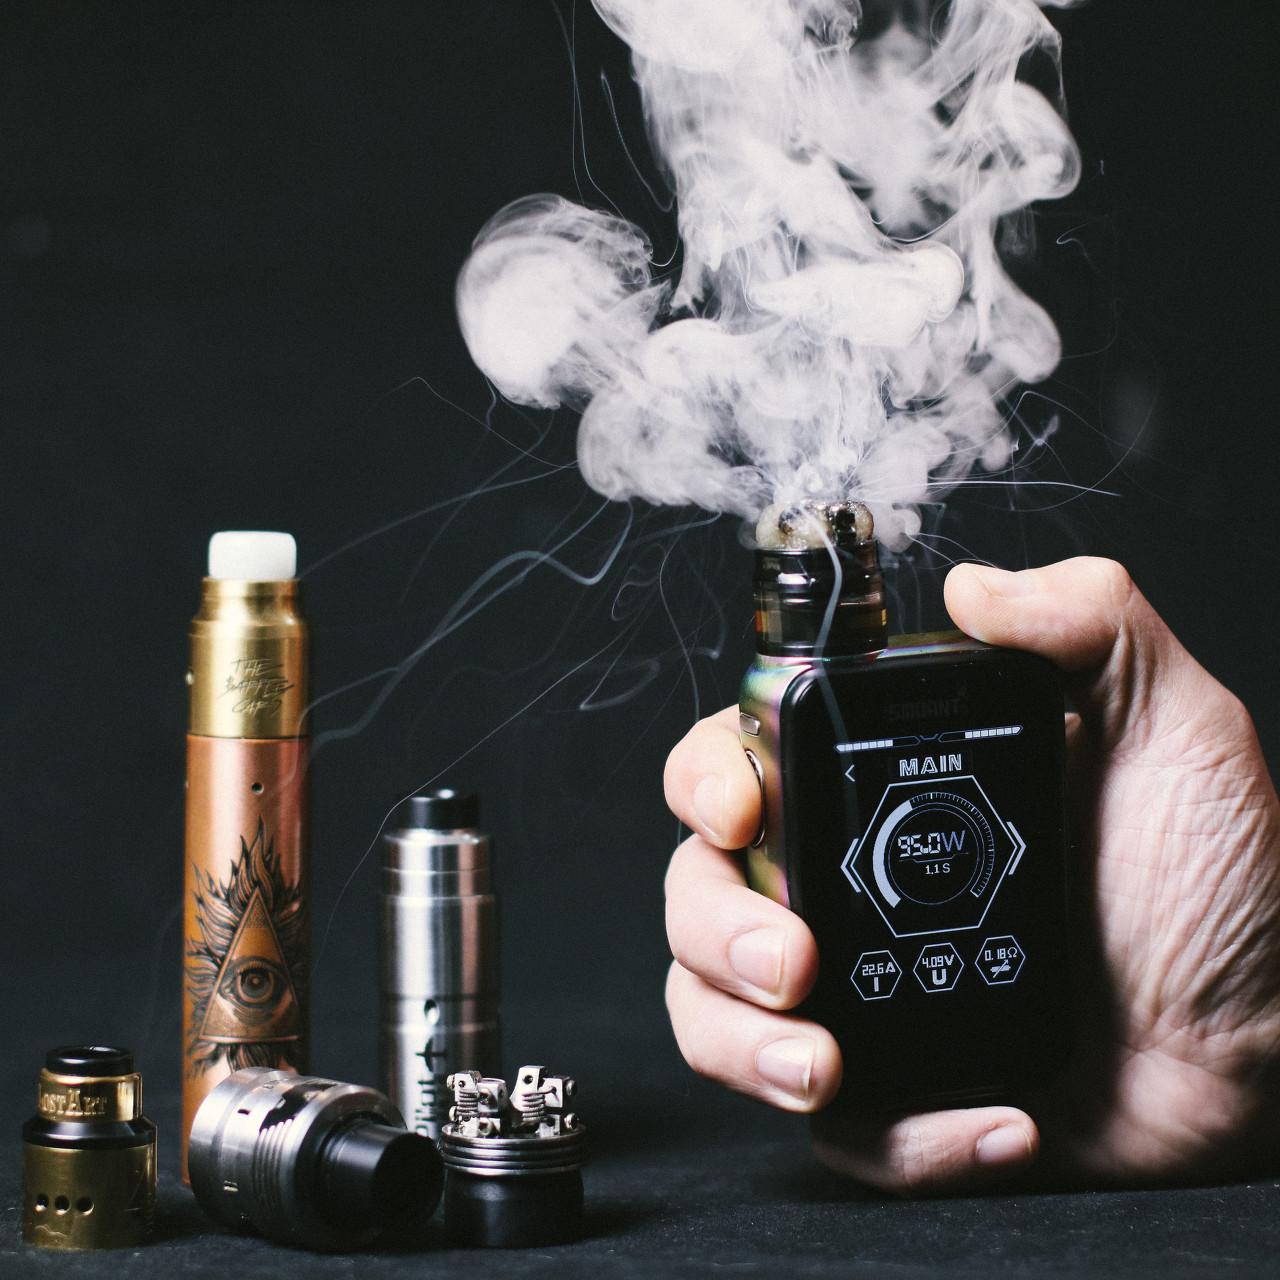 电子烟品牌Doo与juul全球渠道合作商Indigo达成独家战略合作协议